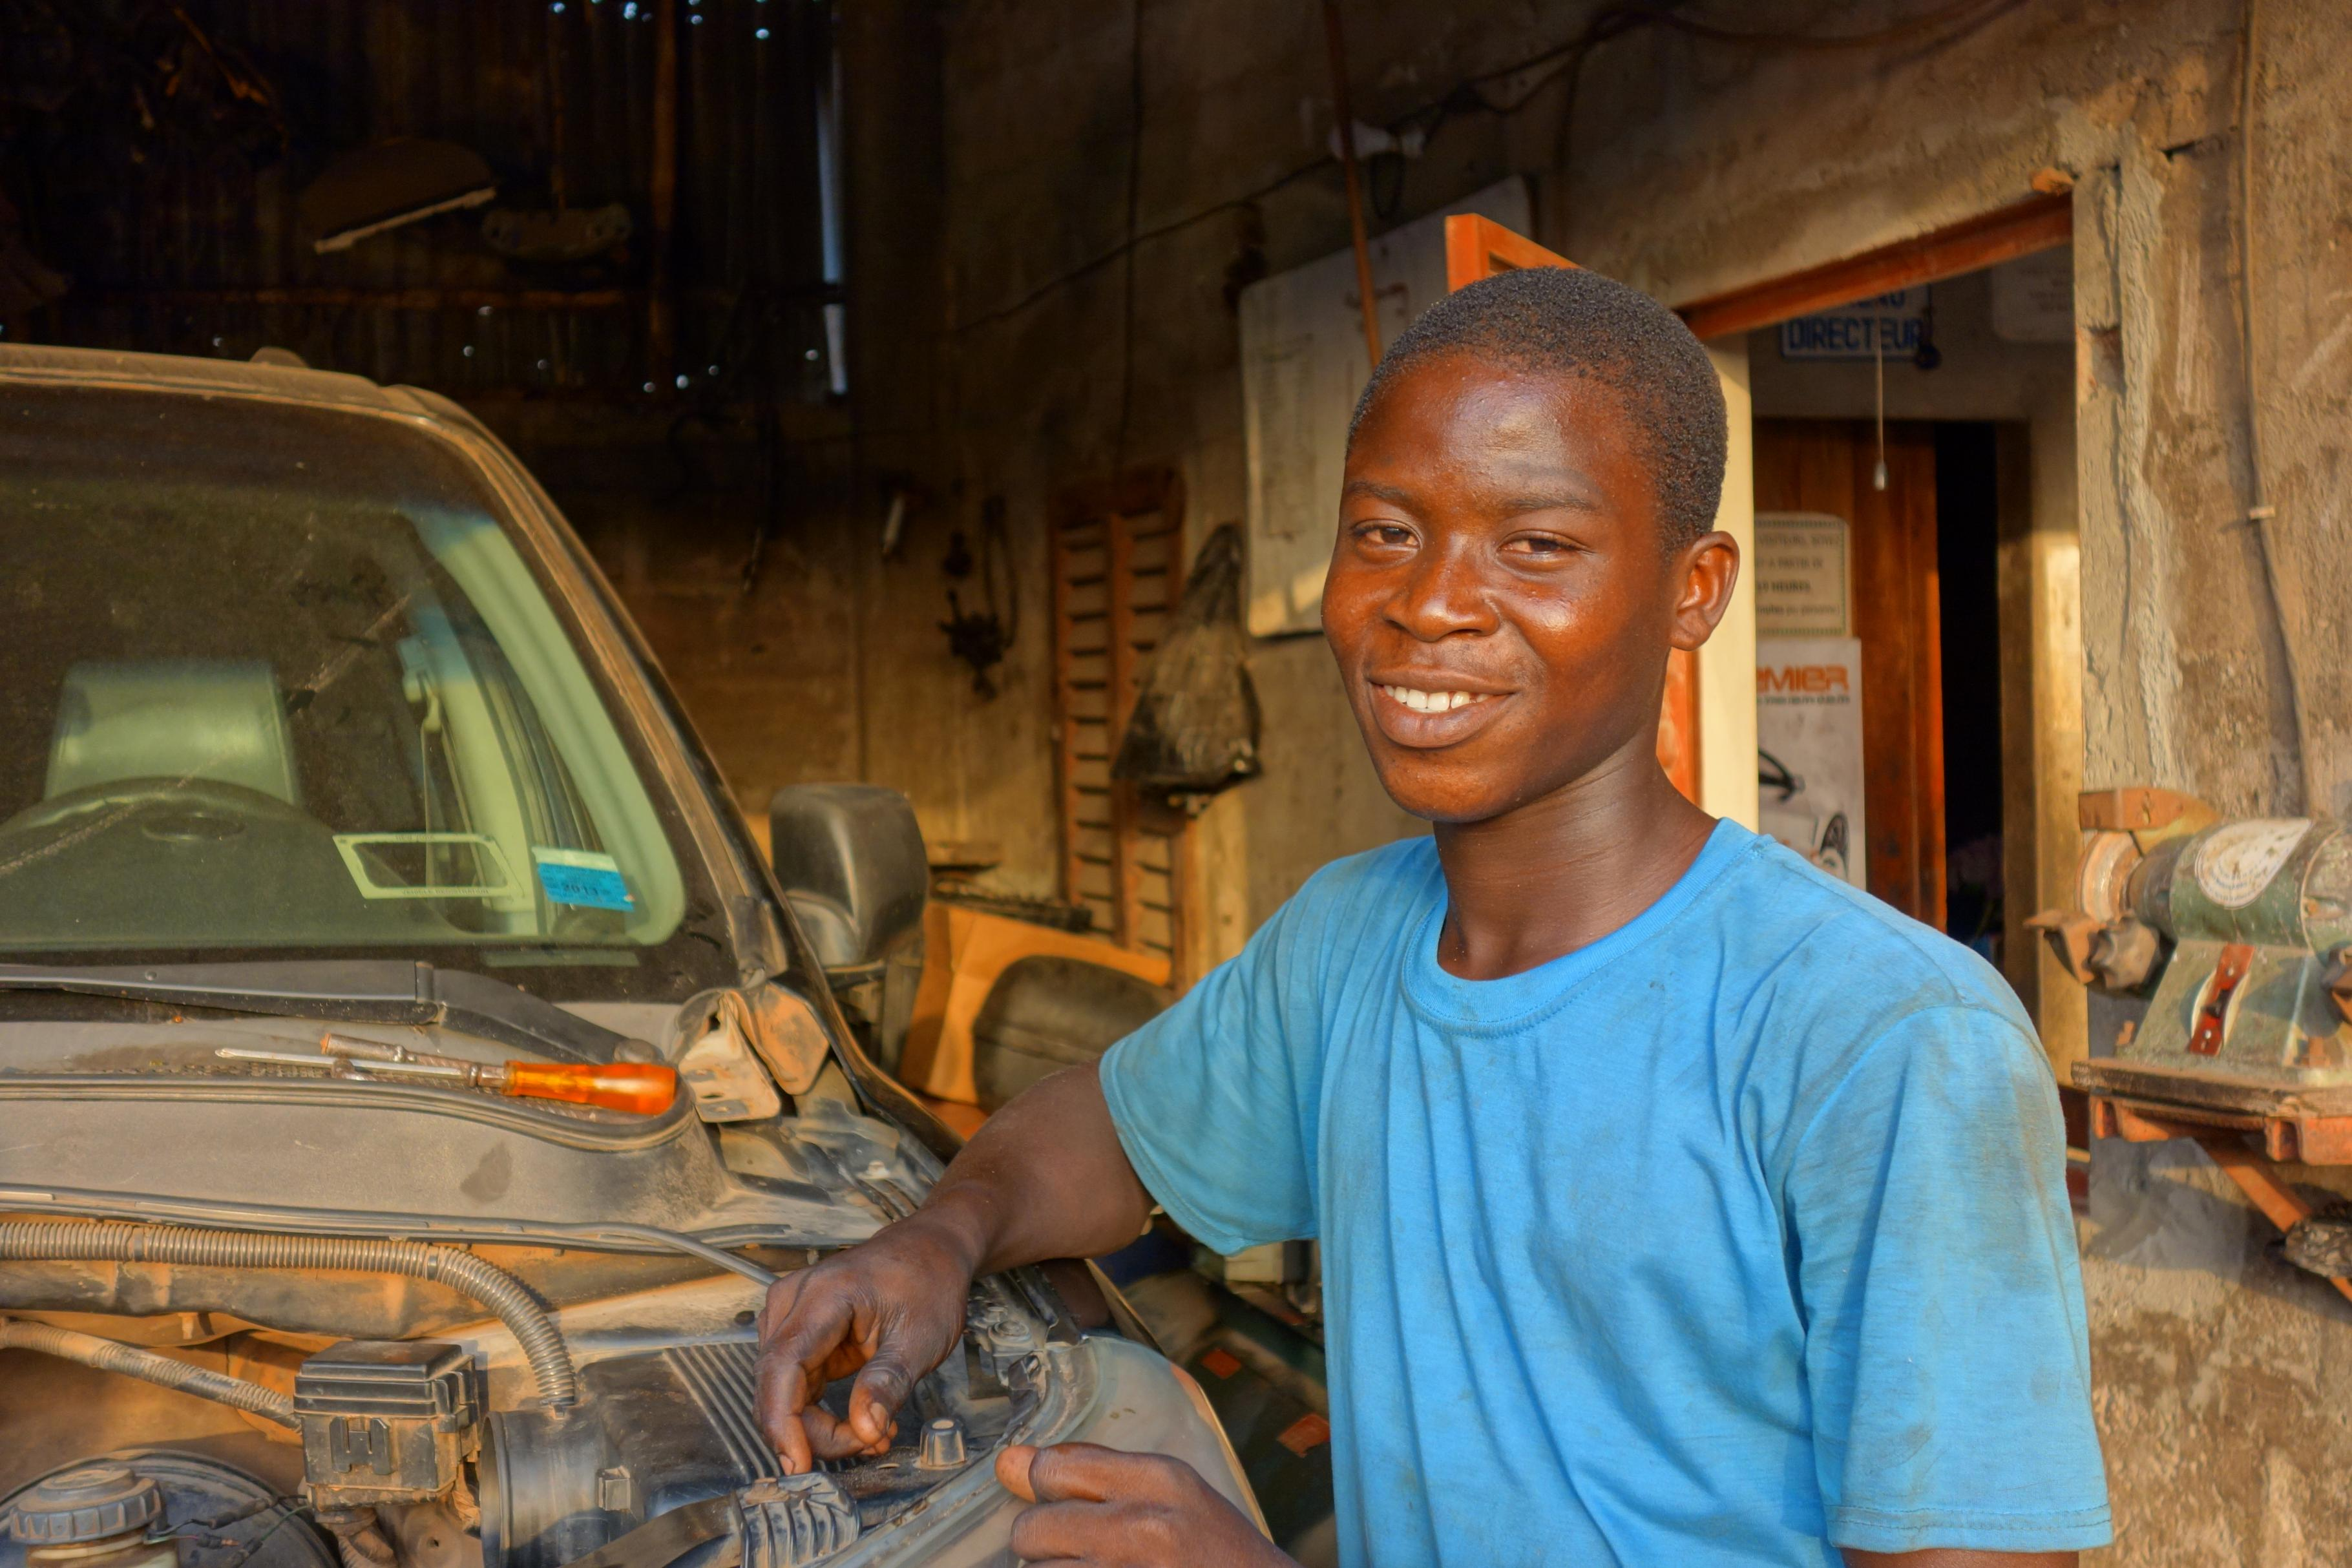 Mann in einer Autowerkstatt: Berufsausbildung in Benin